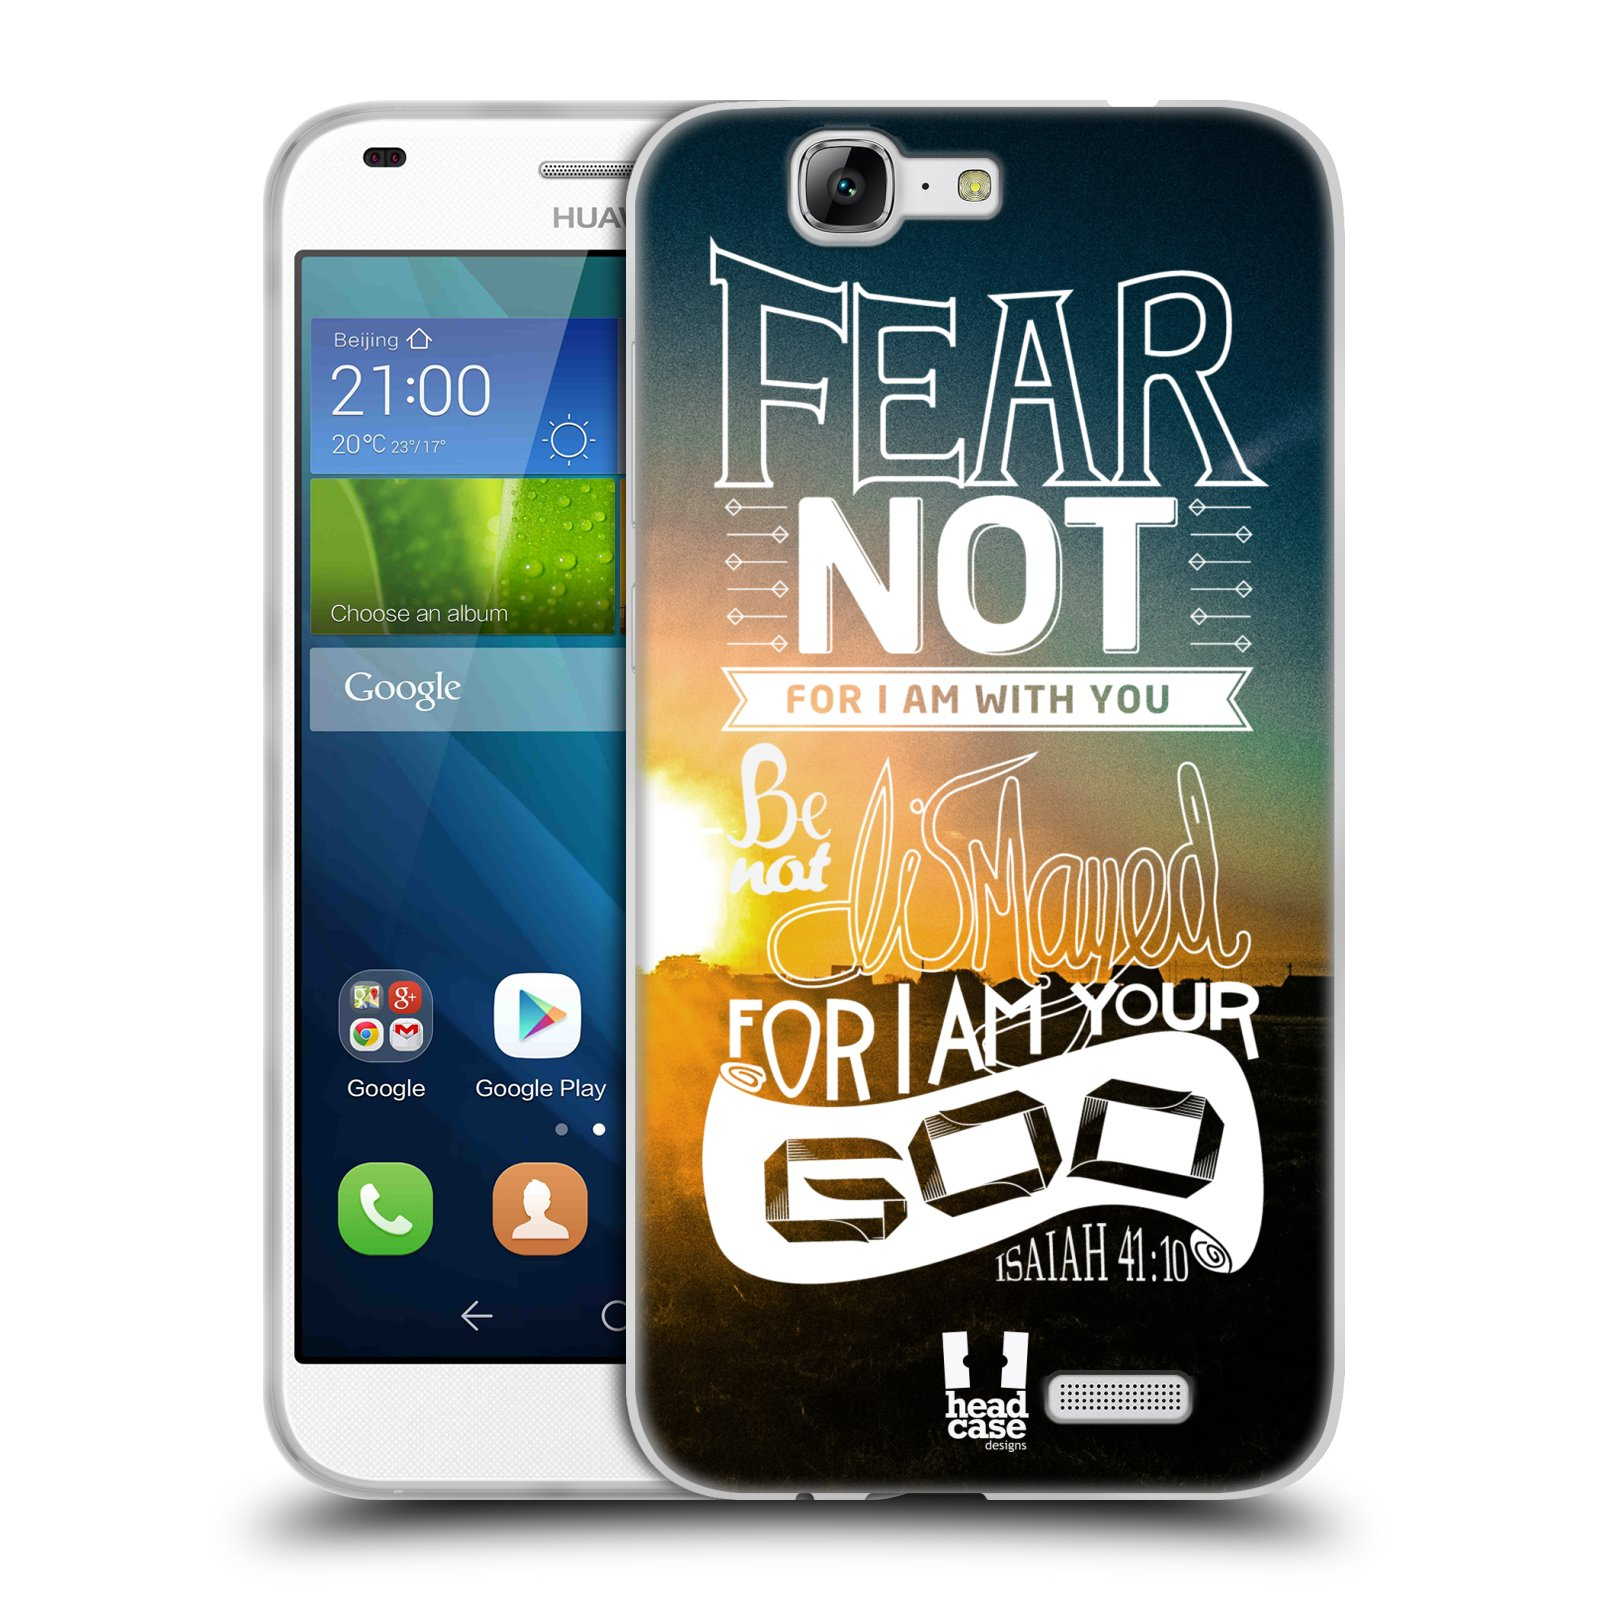 Silikonové pouzdro na mobil Huawei Ascend G7 HEAD CASE FEAR (Silikonový kryt či obal na mobilní telefon Huawei Ascend G7)